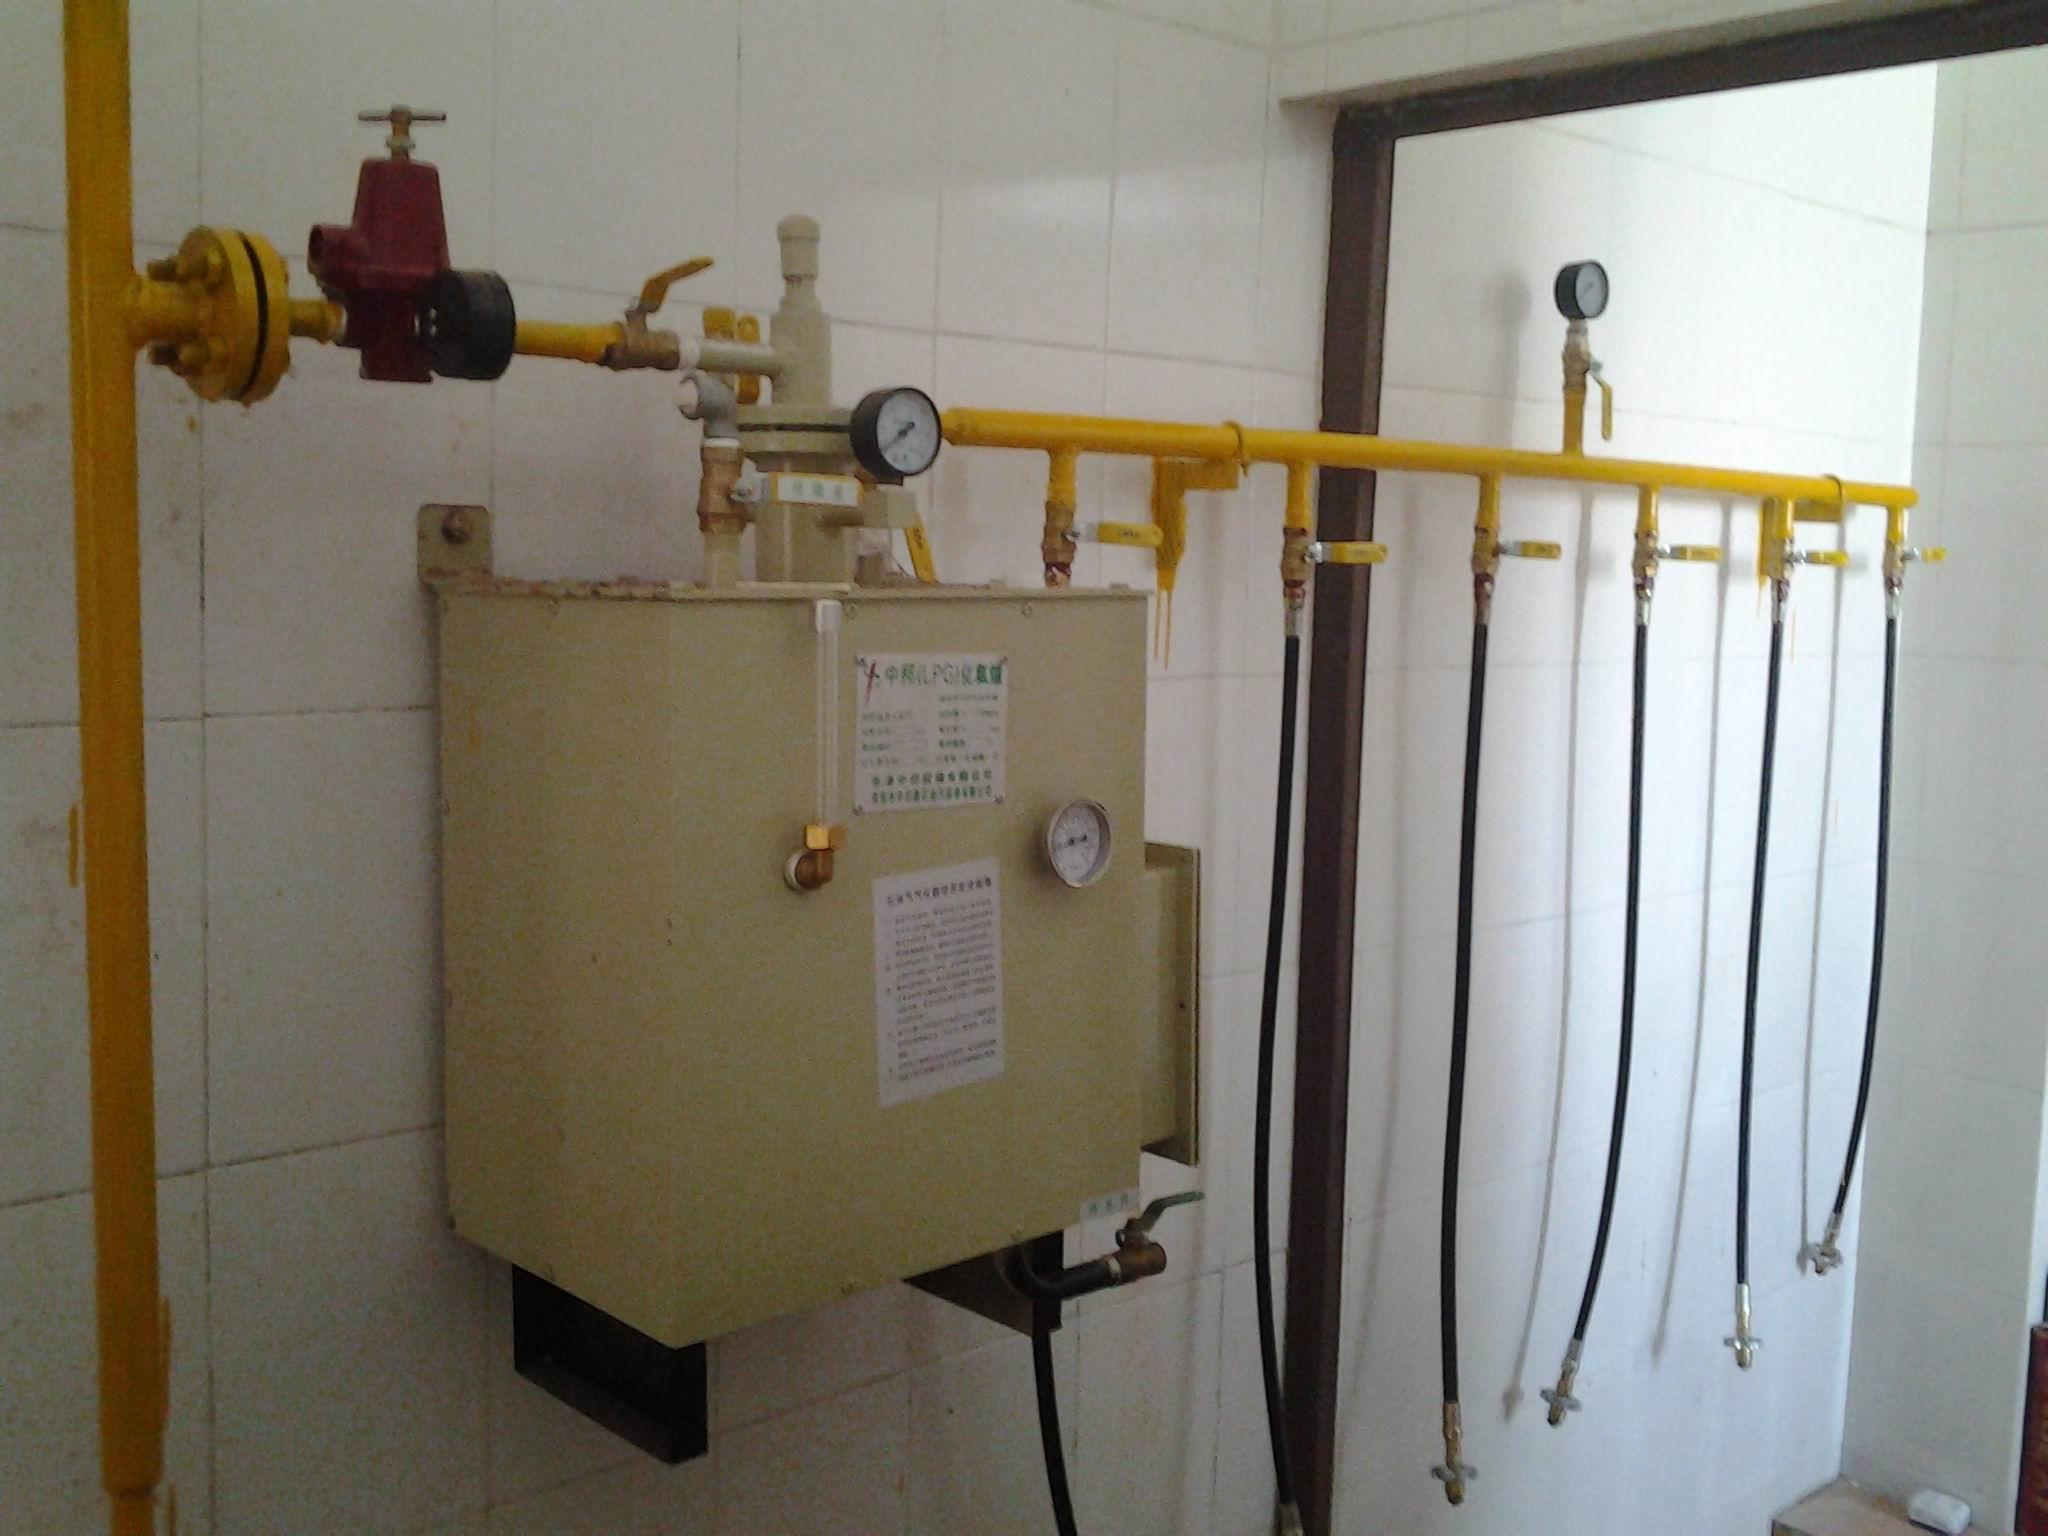 佛山市燃气管道50kg气化器安装工程